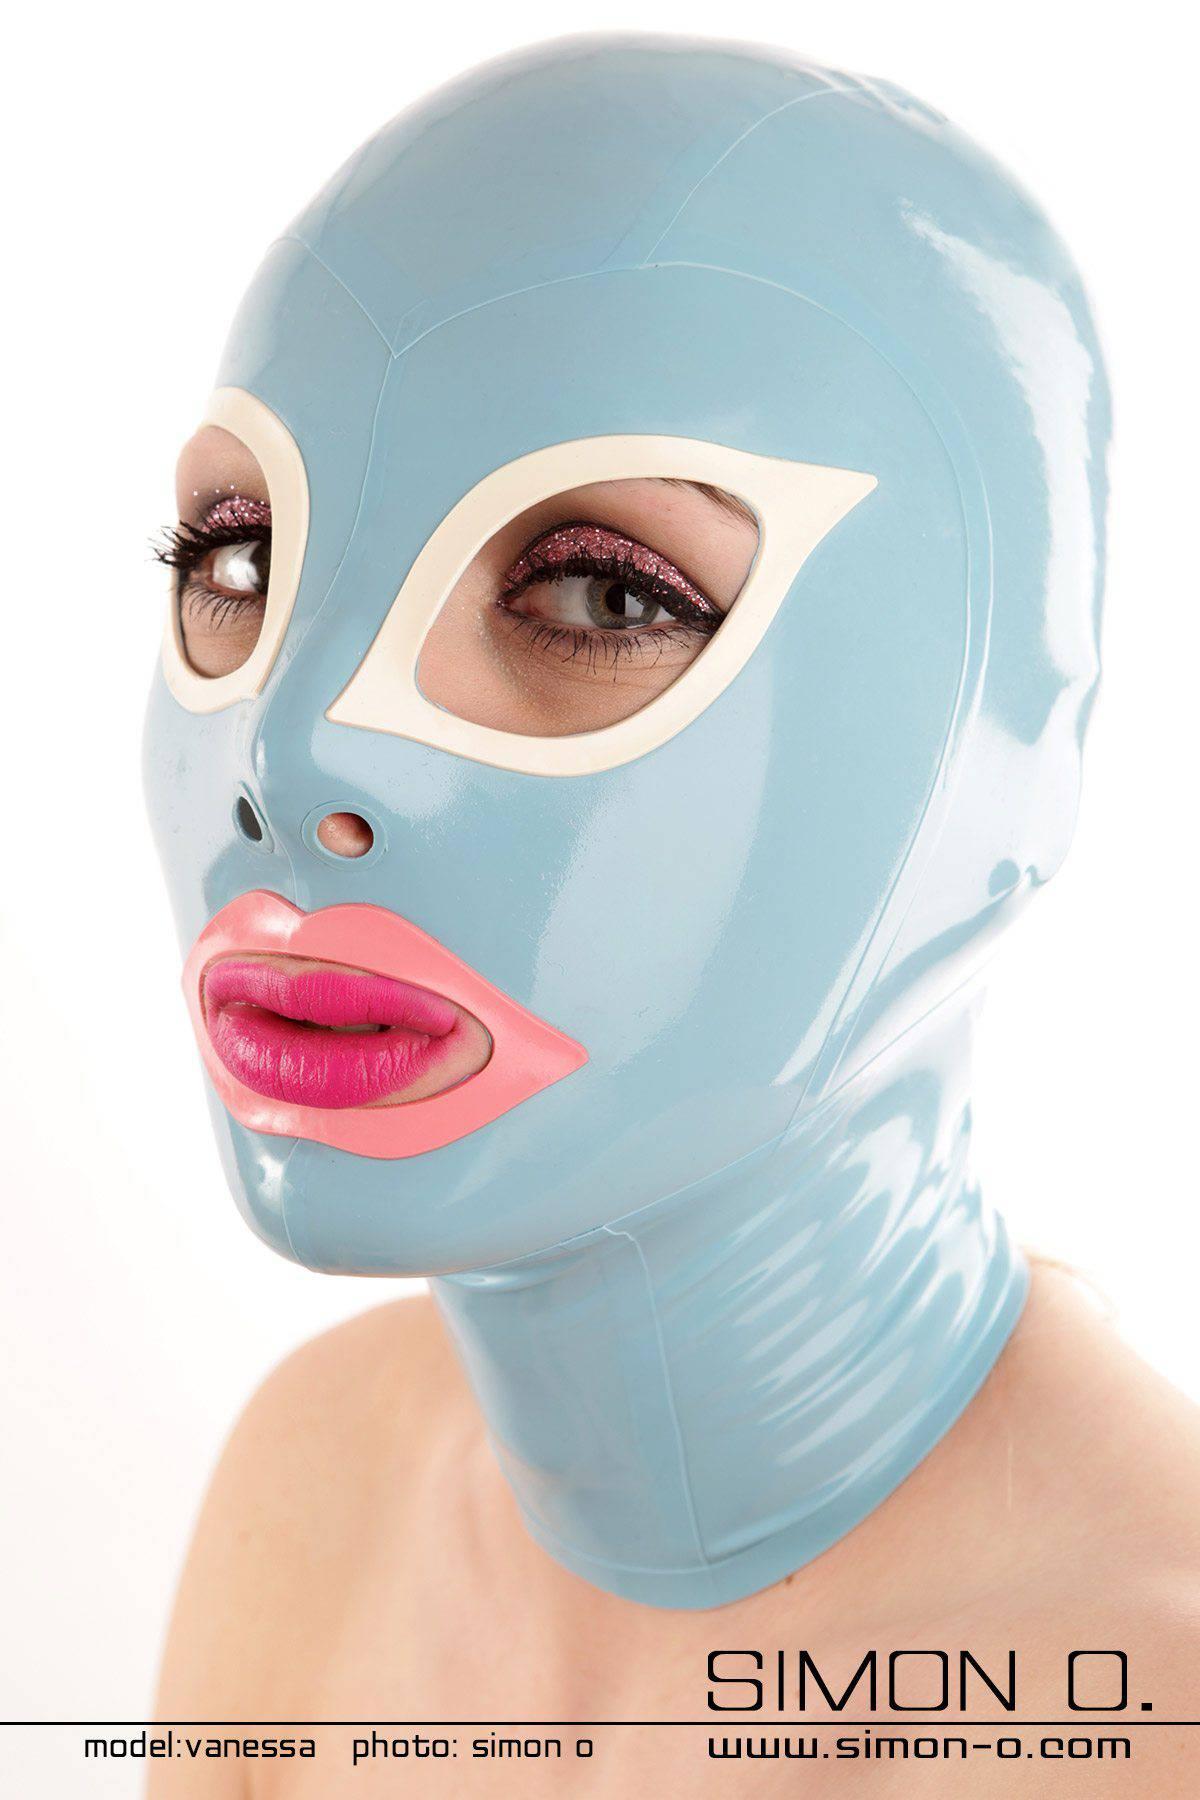 Latex Maske mit Katzenaugen Durch die Mund und Augen Form wirkt die Latex Maske besonders erotisch und sinnlich. Daher ist die Latex Maske in der …